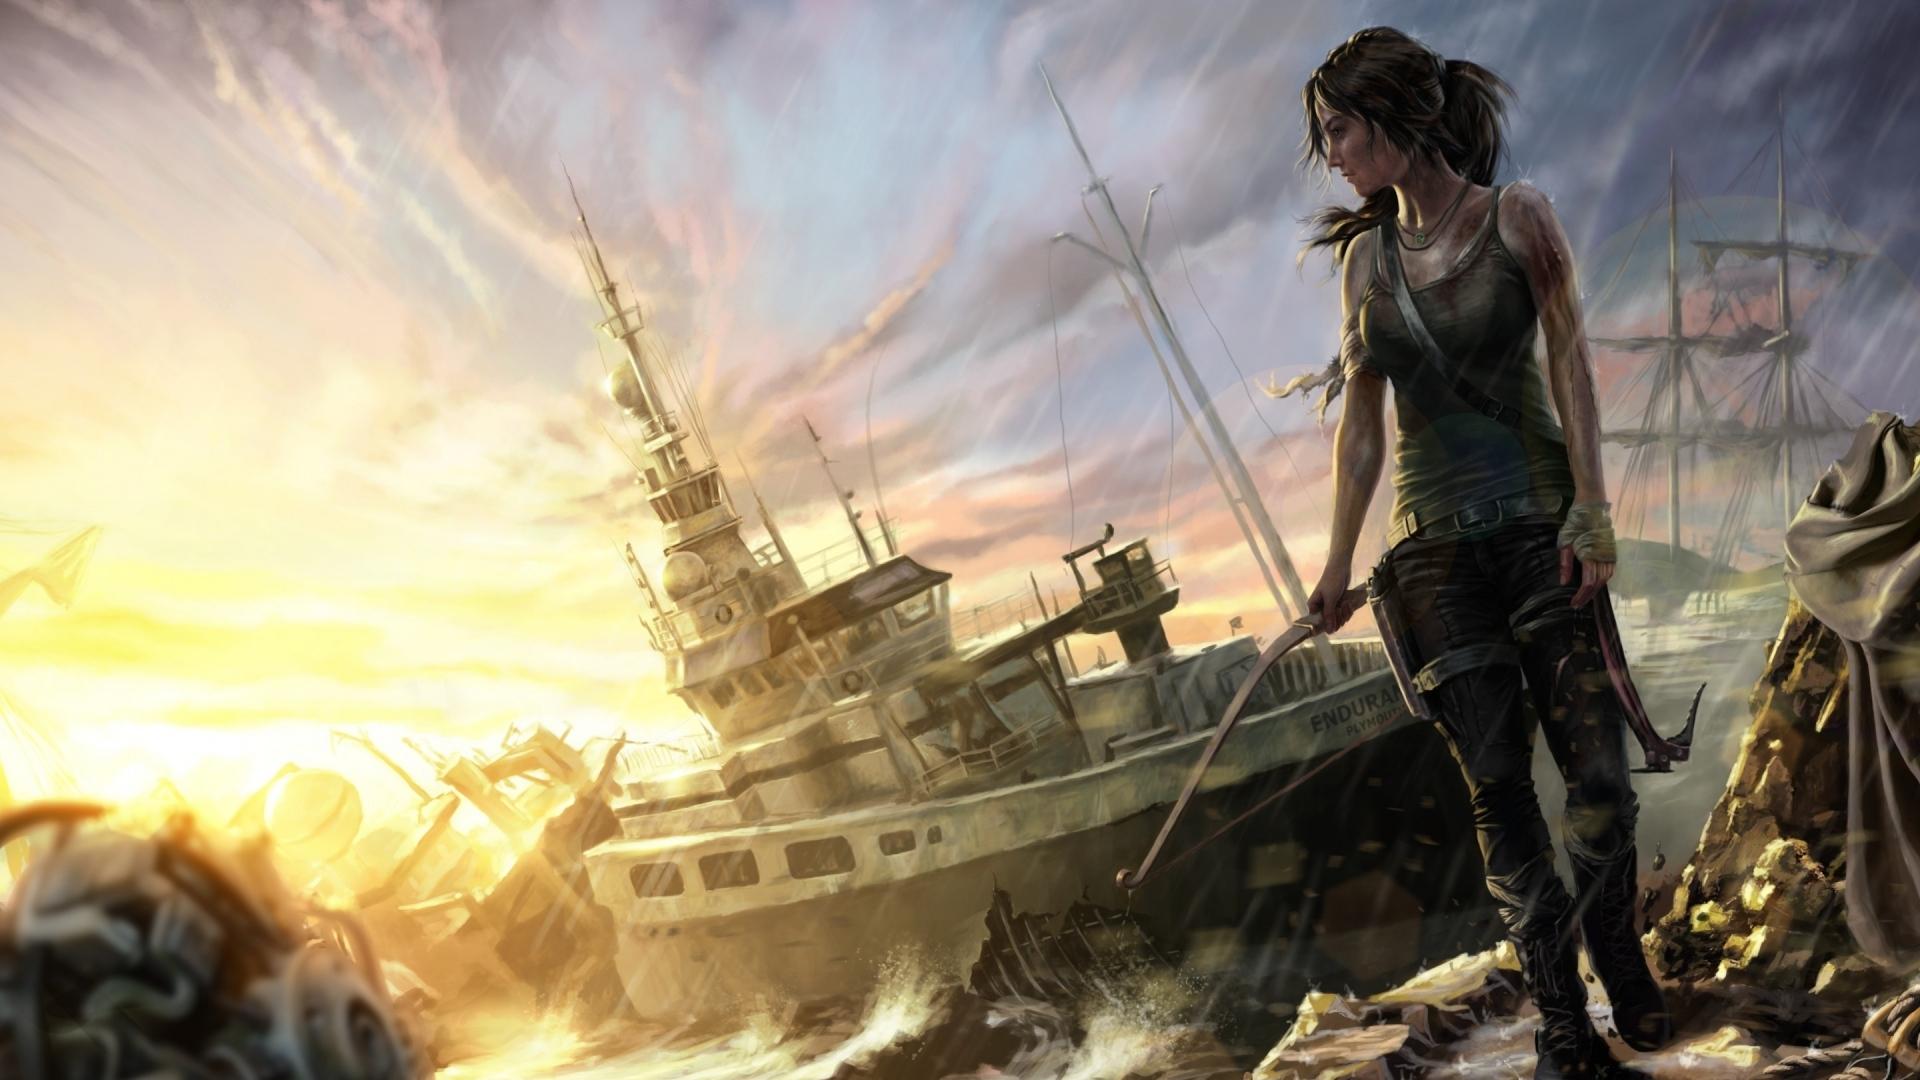 10 Best Tomb Raider Hd Wallpaper FULL HD 1080p For PC ...